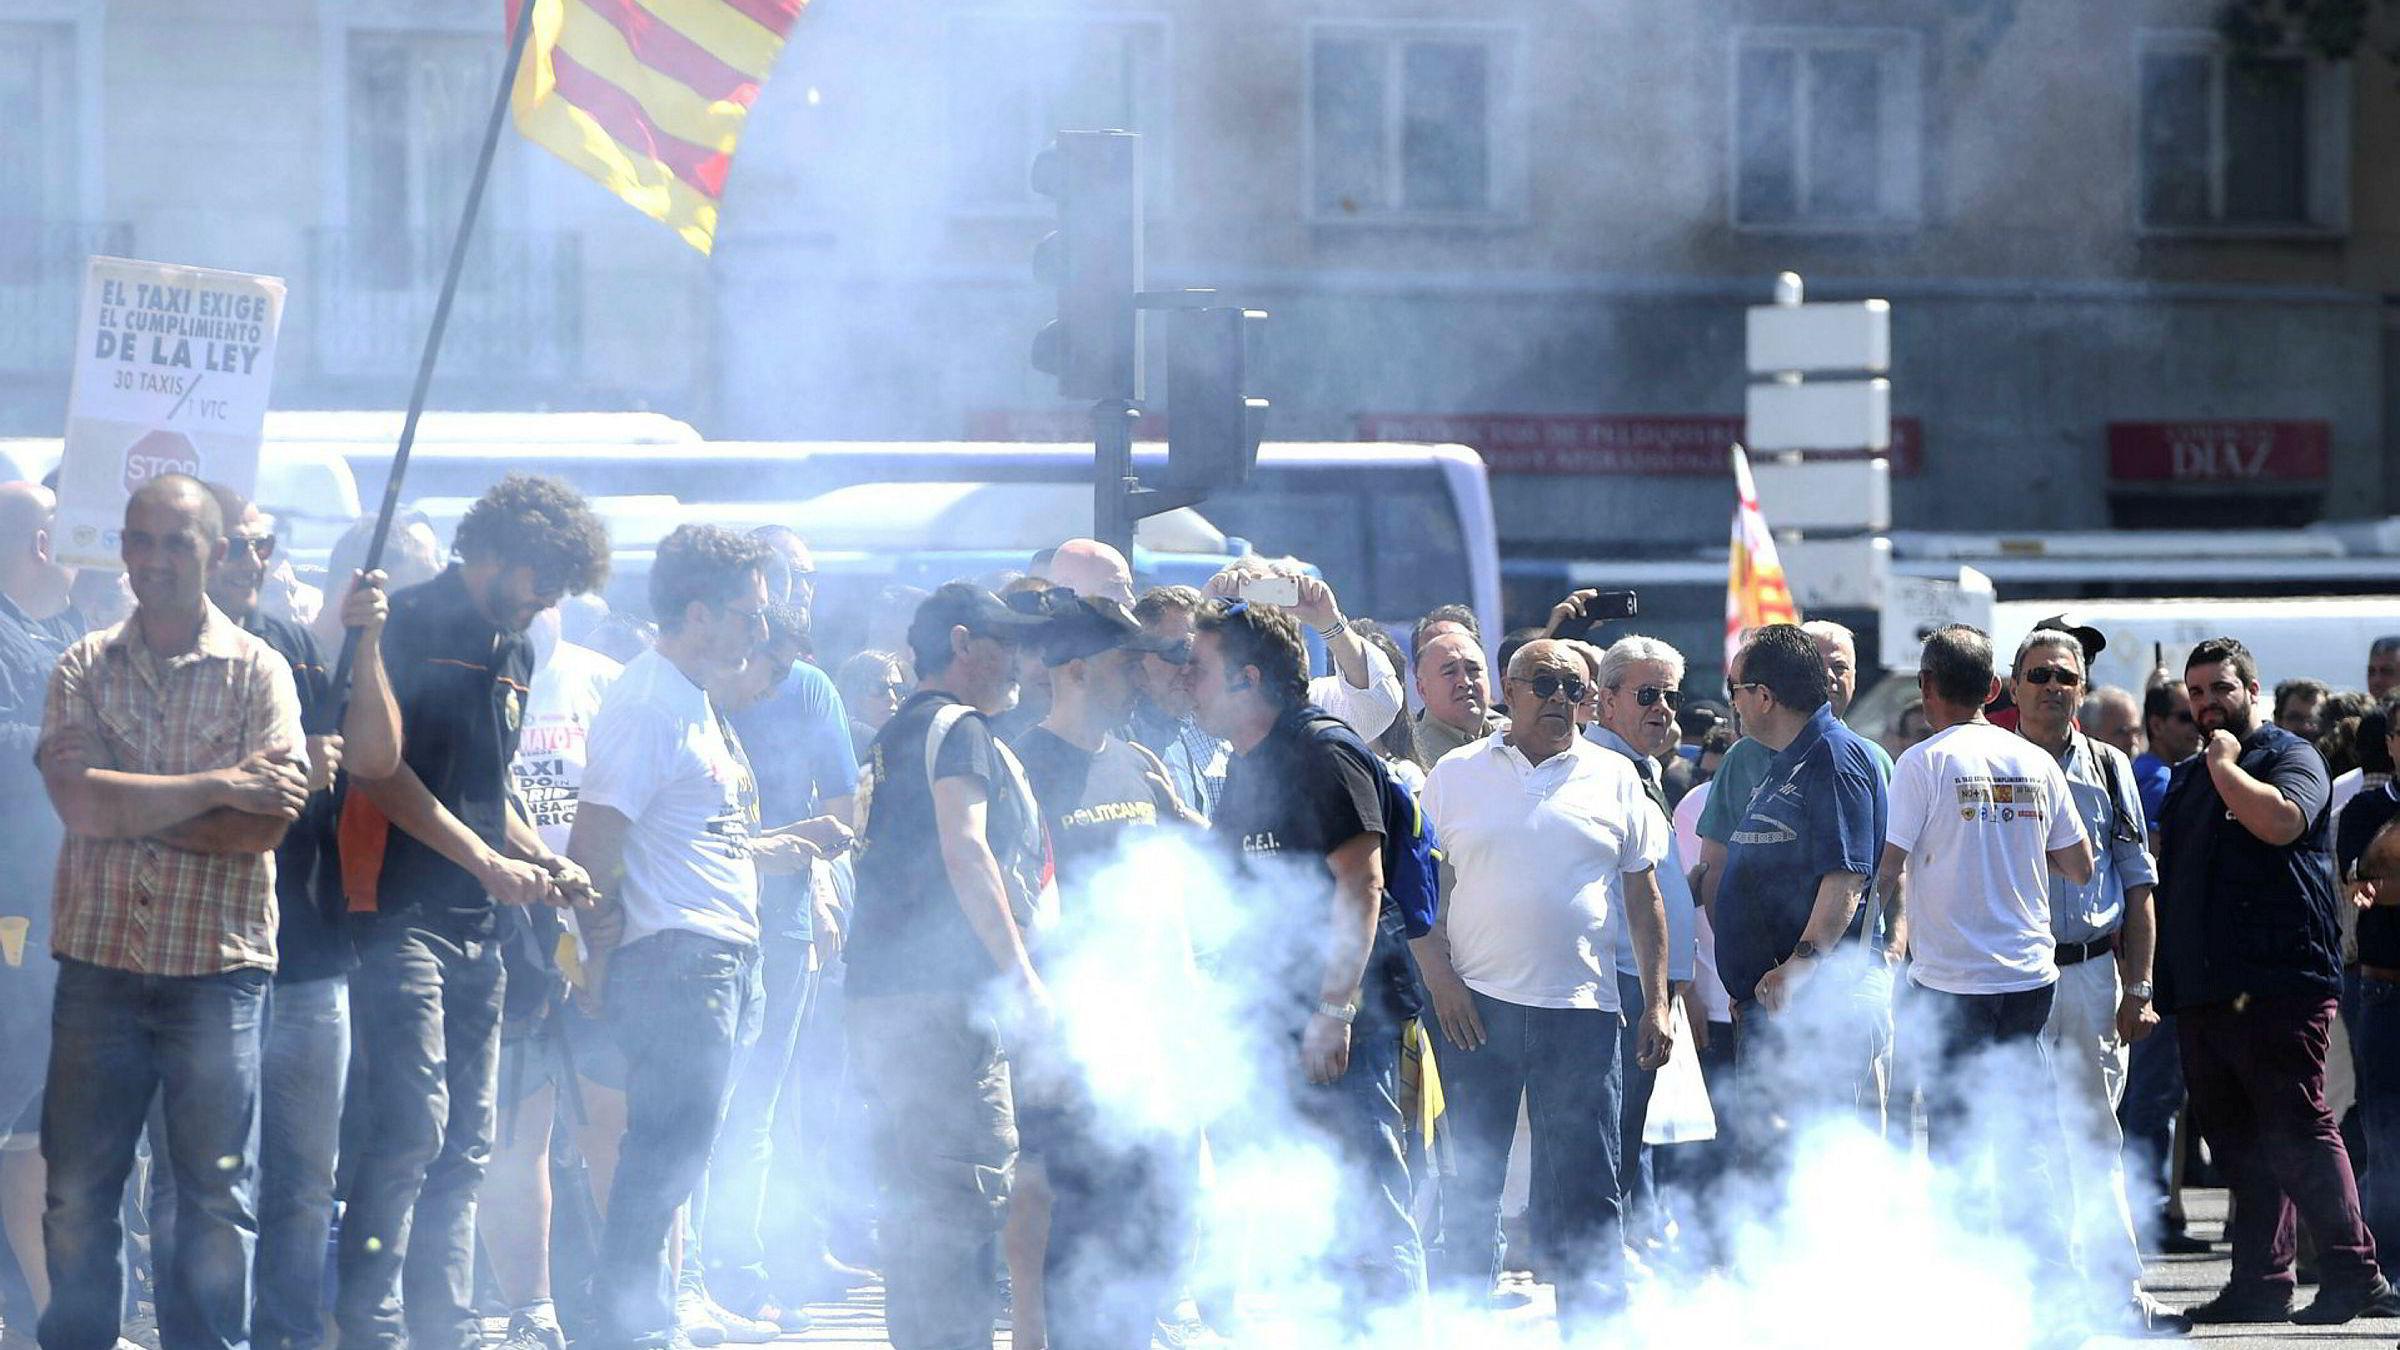 Spanske drosjesjåfører streiker mot private drosjeselskaper tirsdag, her ved Atocha togstasjon i Madrid.